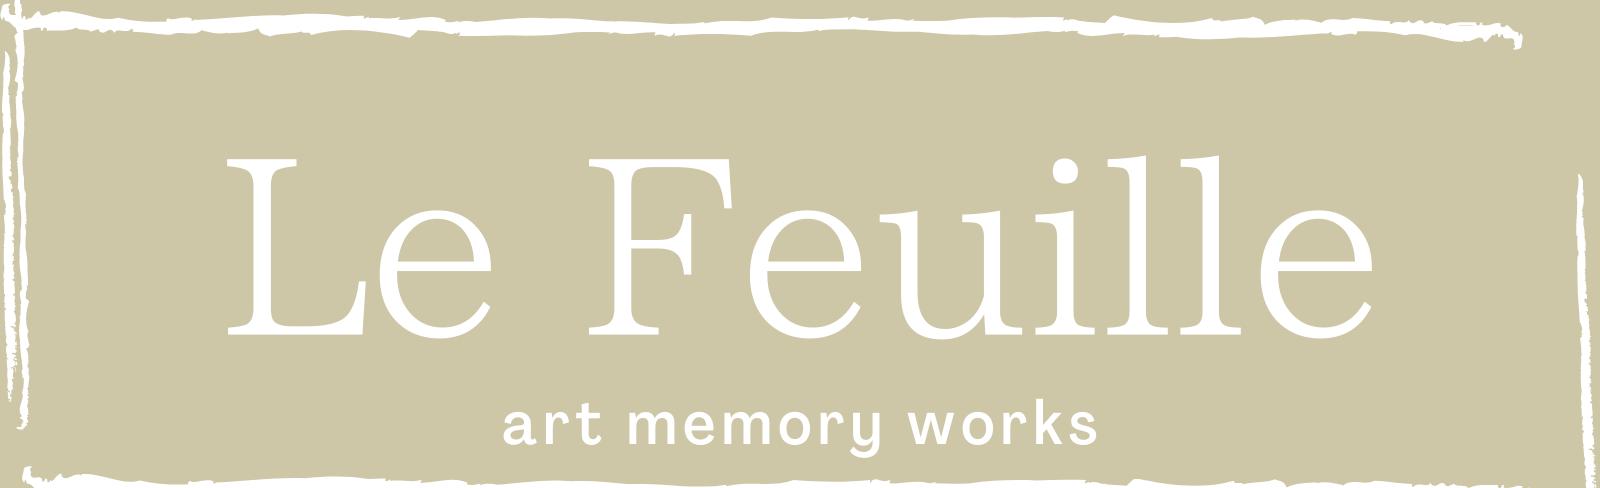 手形・足形アート通販の「Le Feuille(レ フィーユ)」出産祝い、子供の記念日に 石膏を用いた立体的な手形・足形アートショップ「Le Feuille」では、大切な人やペットのメモリアルグッズを一点一点真心を込めて制作しています。出産祝い、内祝い、成長記録としてはもちろんインテリアとしてもおすすめです。赤ちゃんを始め、ペット(ワンちゃん、猫ちゃん)の大切な思い出を世界に一つだけのカタチで残しませんか。